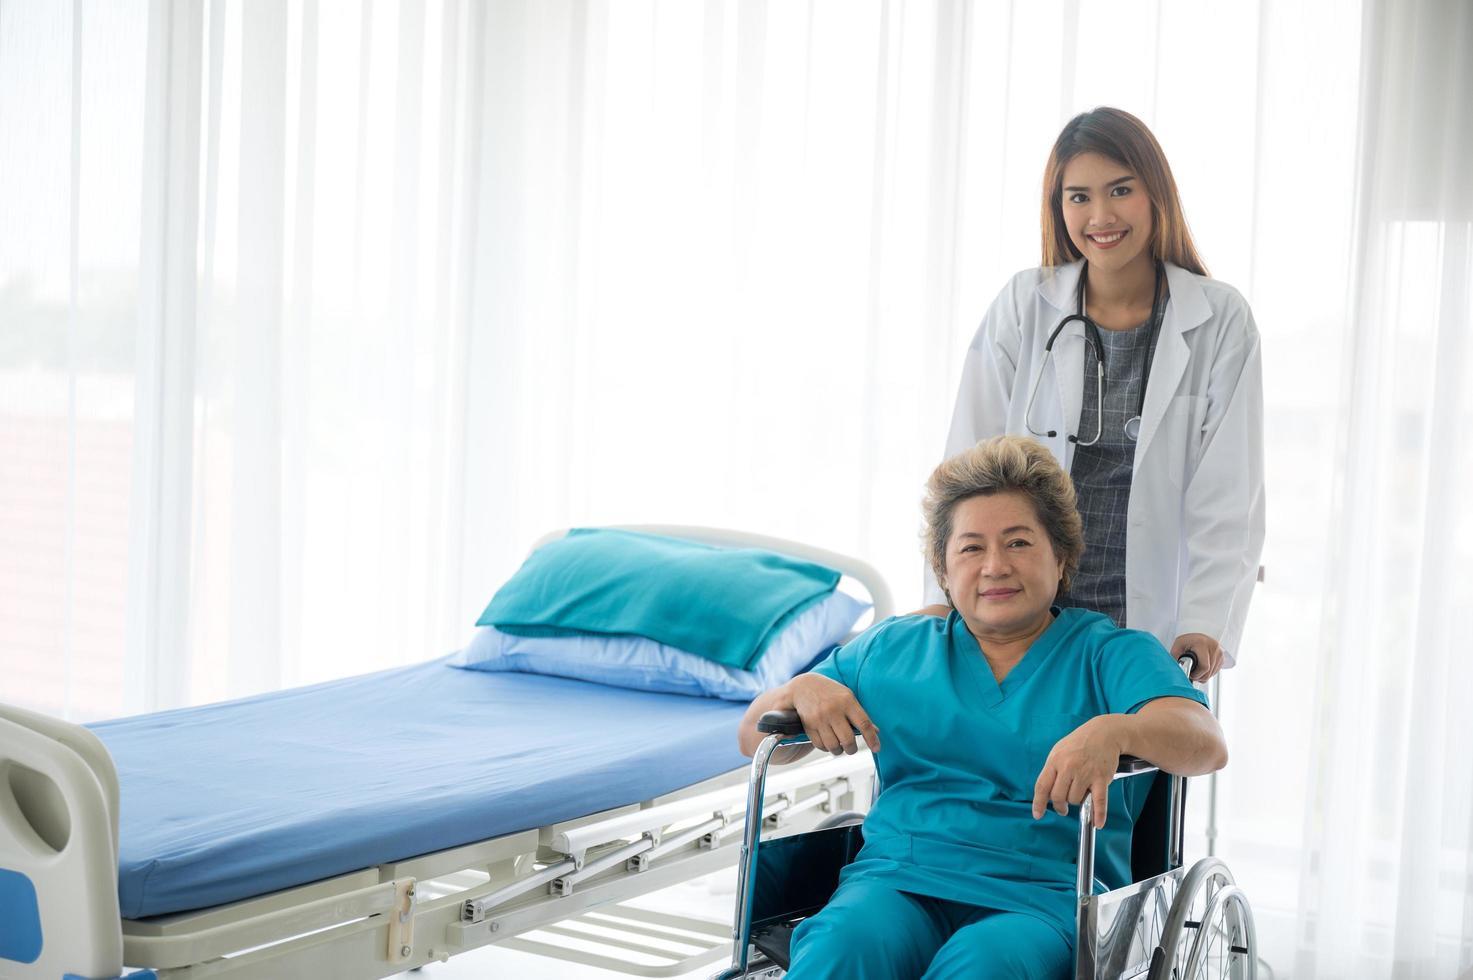 de arts controleert de gezondheid van oudere patiënten in het ziekenhuis. foto